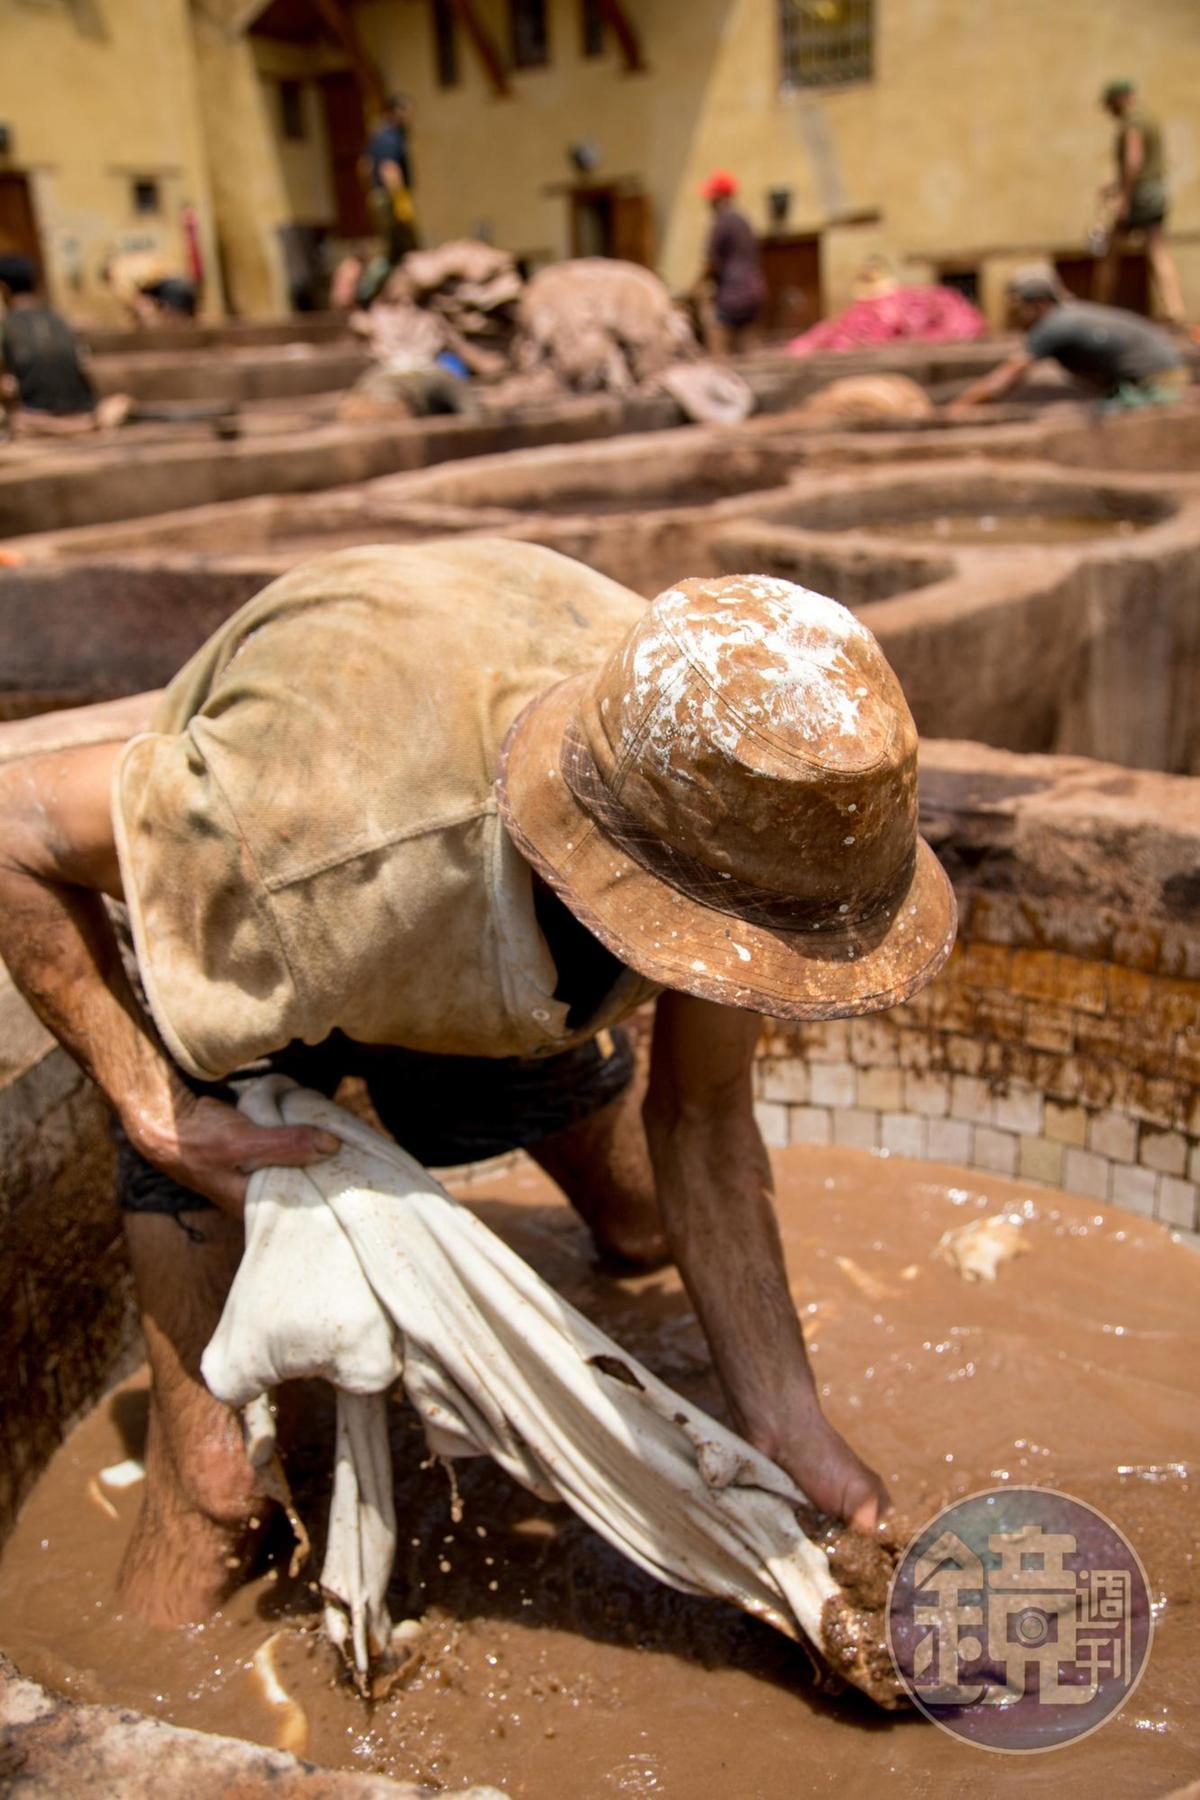 反覆搓揉後,皮才會上色,工人身上都染滿染料。